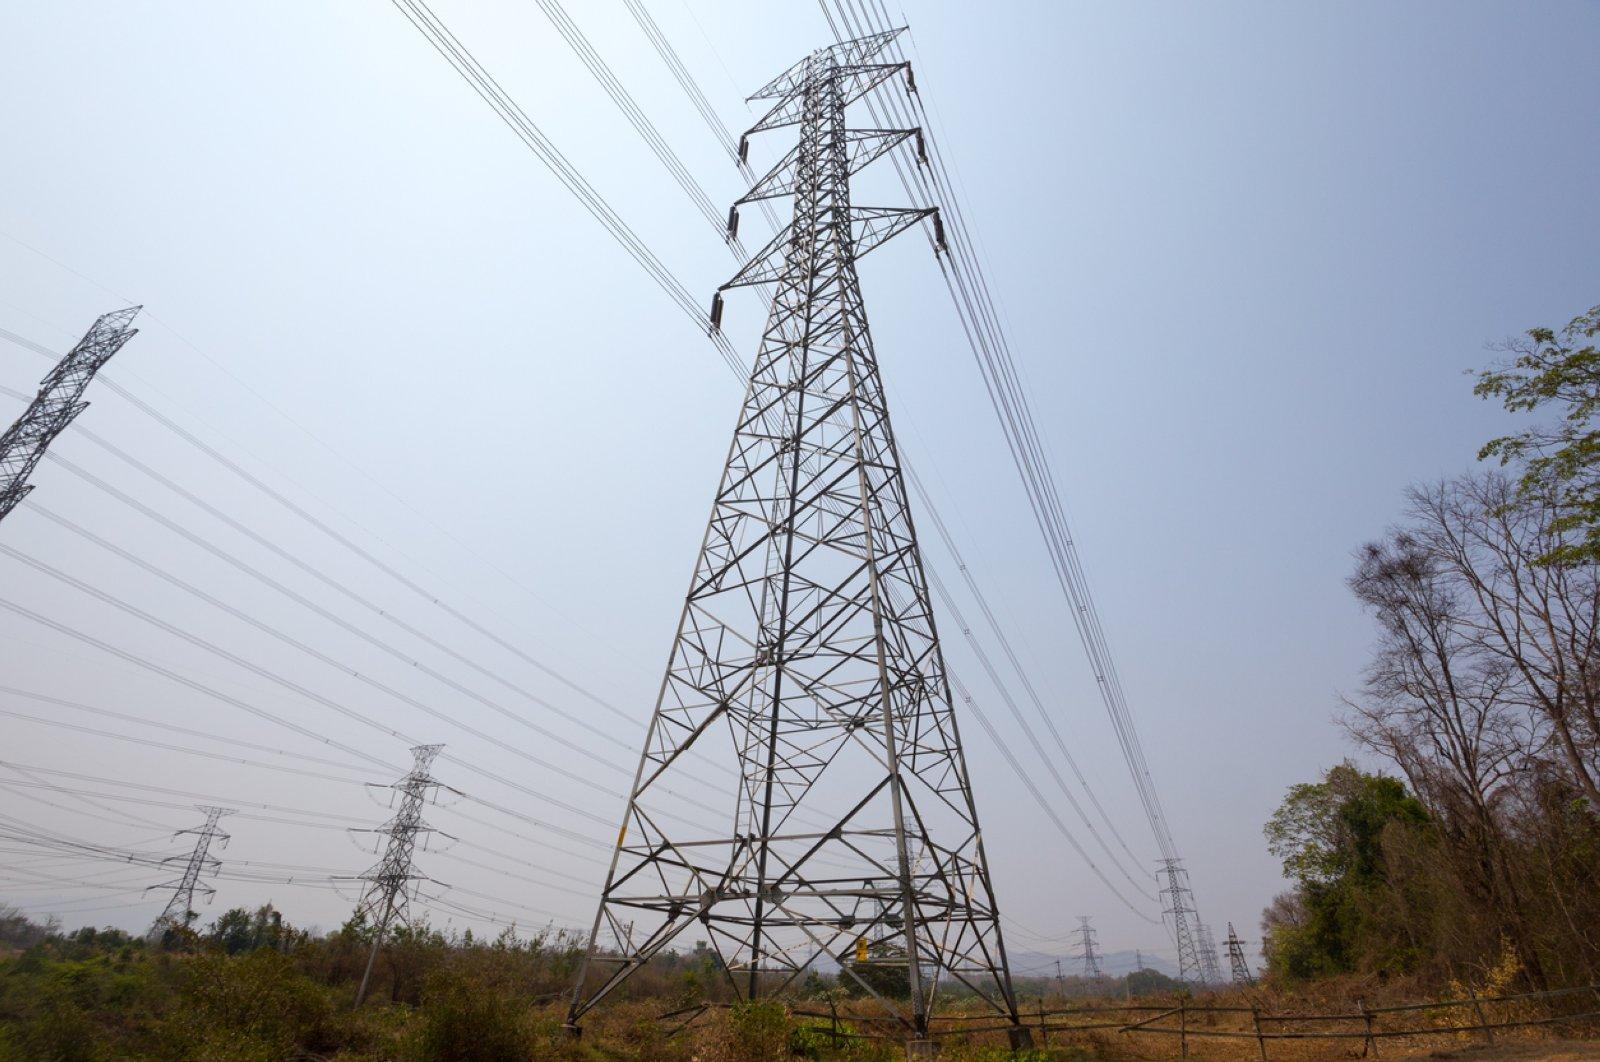 Electricty pylons. (iStock Photo)